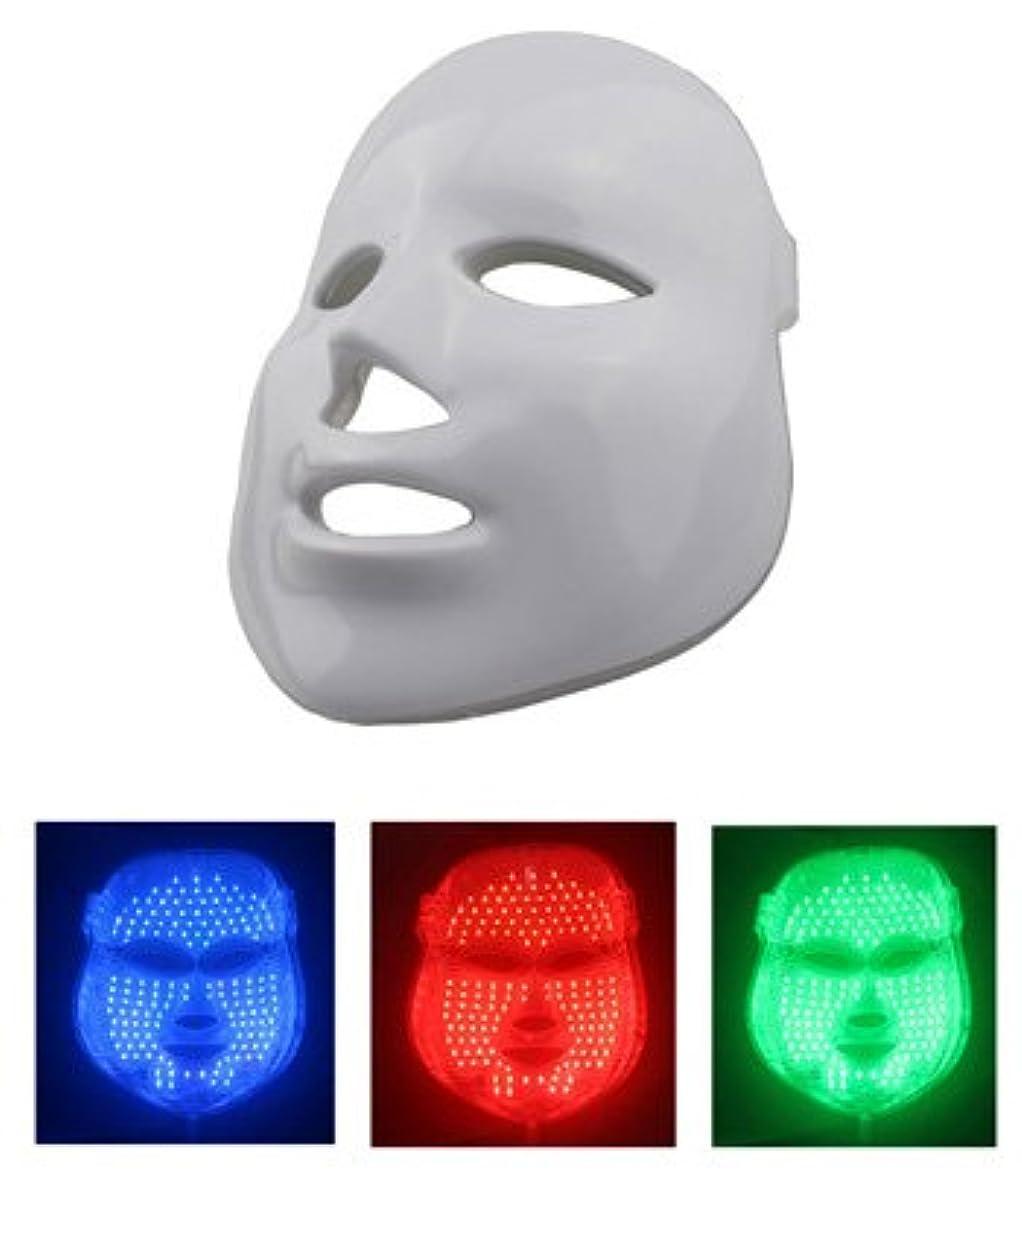 経済オゾンスキャンダル美顔 LEDマスク LED美顔器 三色モデル